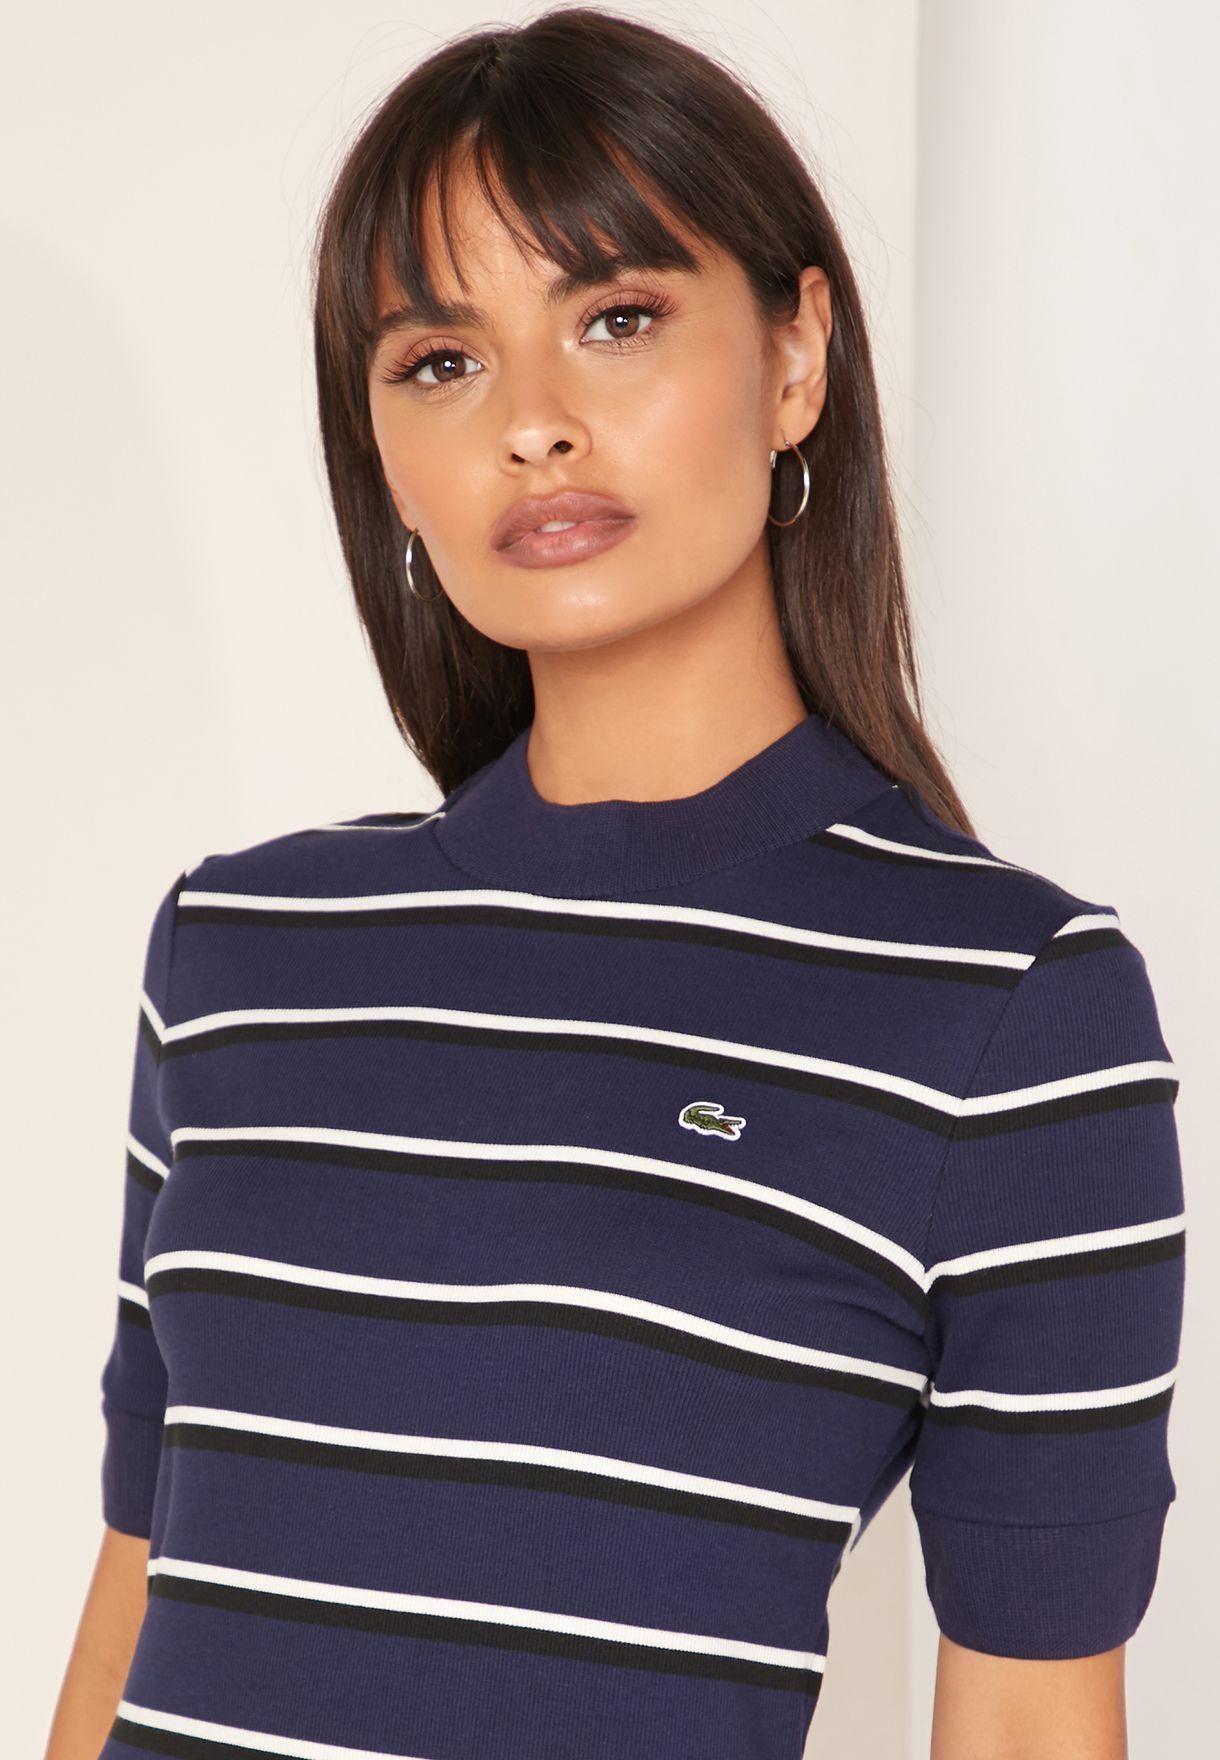 High Neck Striped T-Shirt Dress